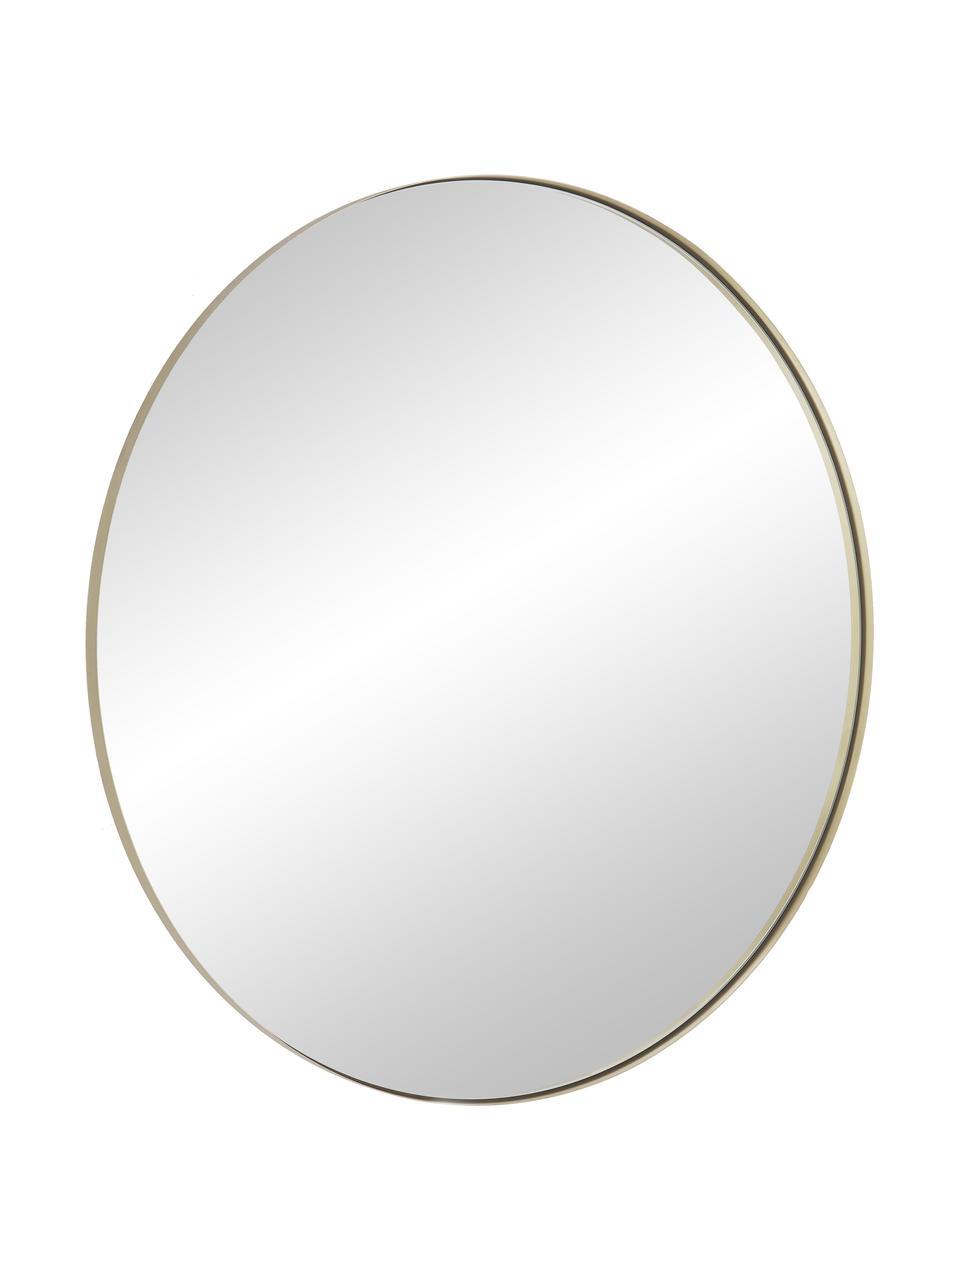 Kulaté nástěnné zrcadlo Ivy, Zlatá